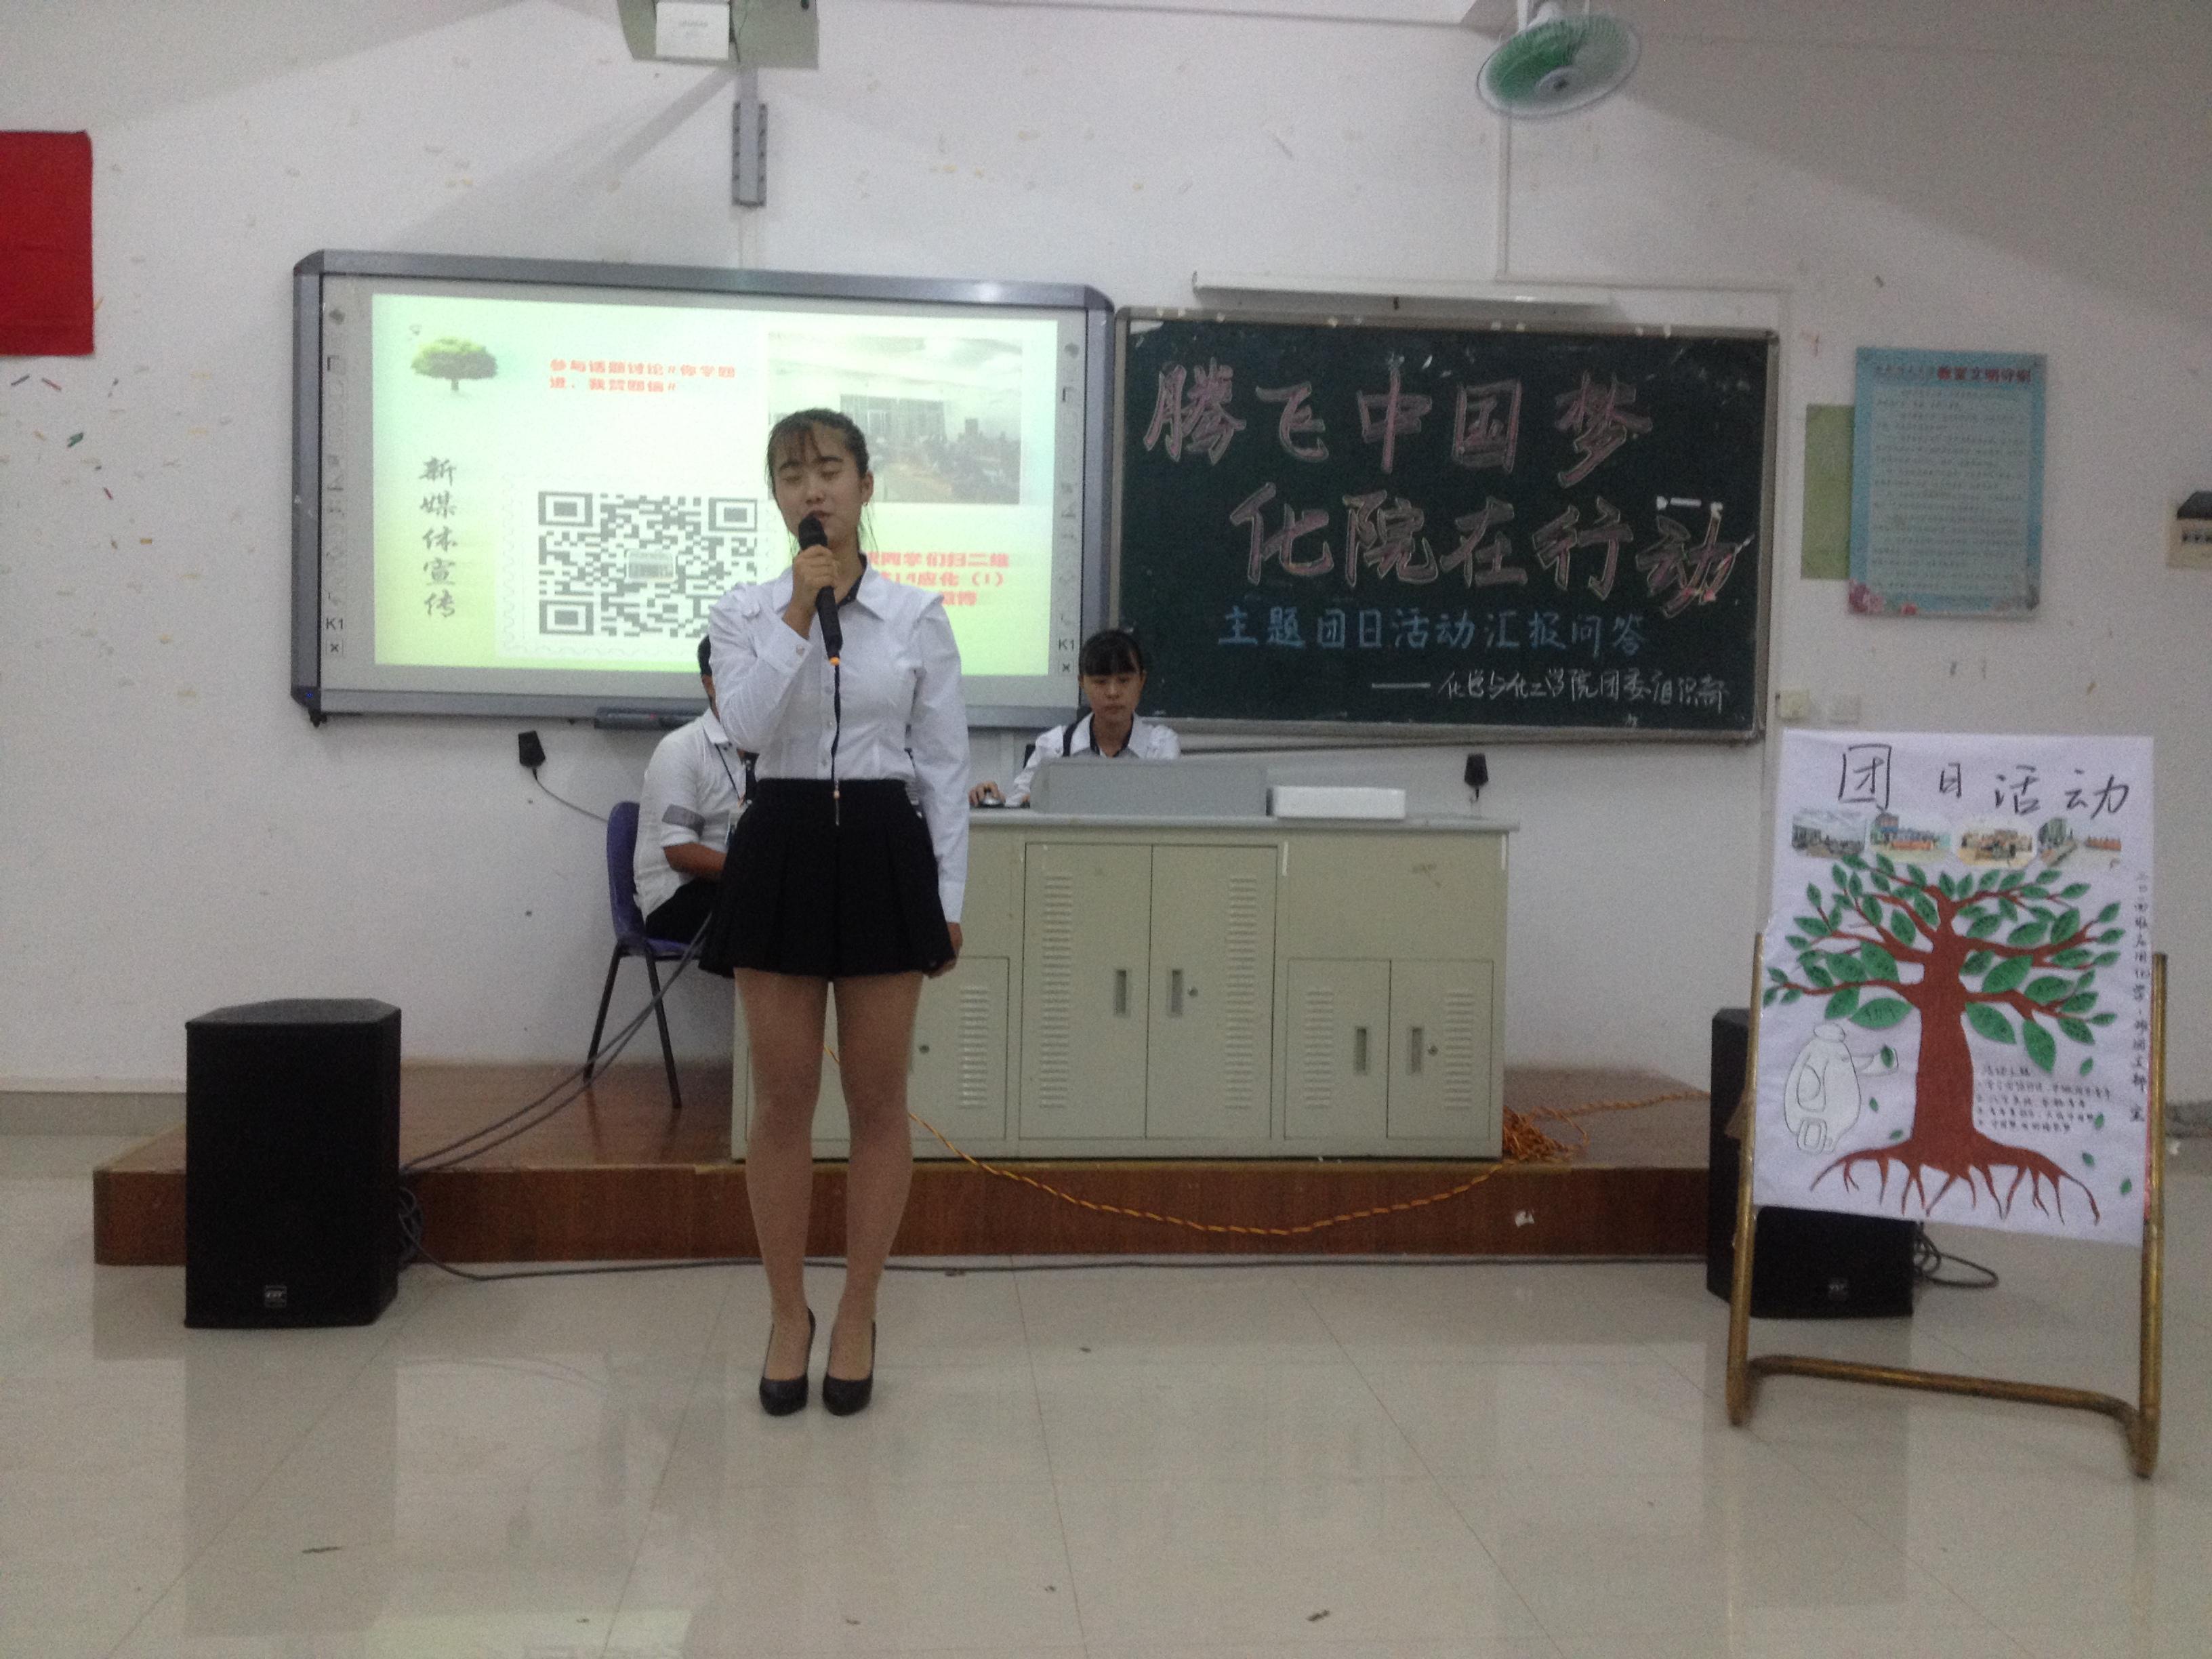 腾飞中国梦,化院在行动——记我院2015年度团日活动汇报问答暨总结大会